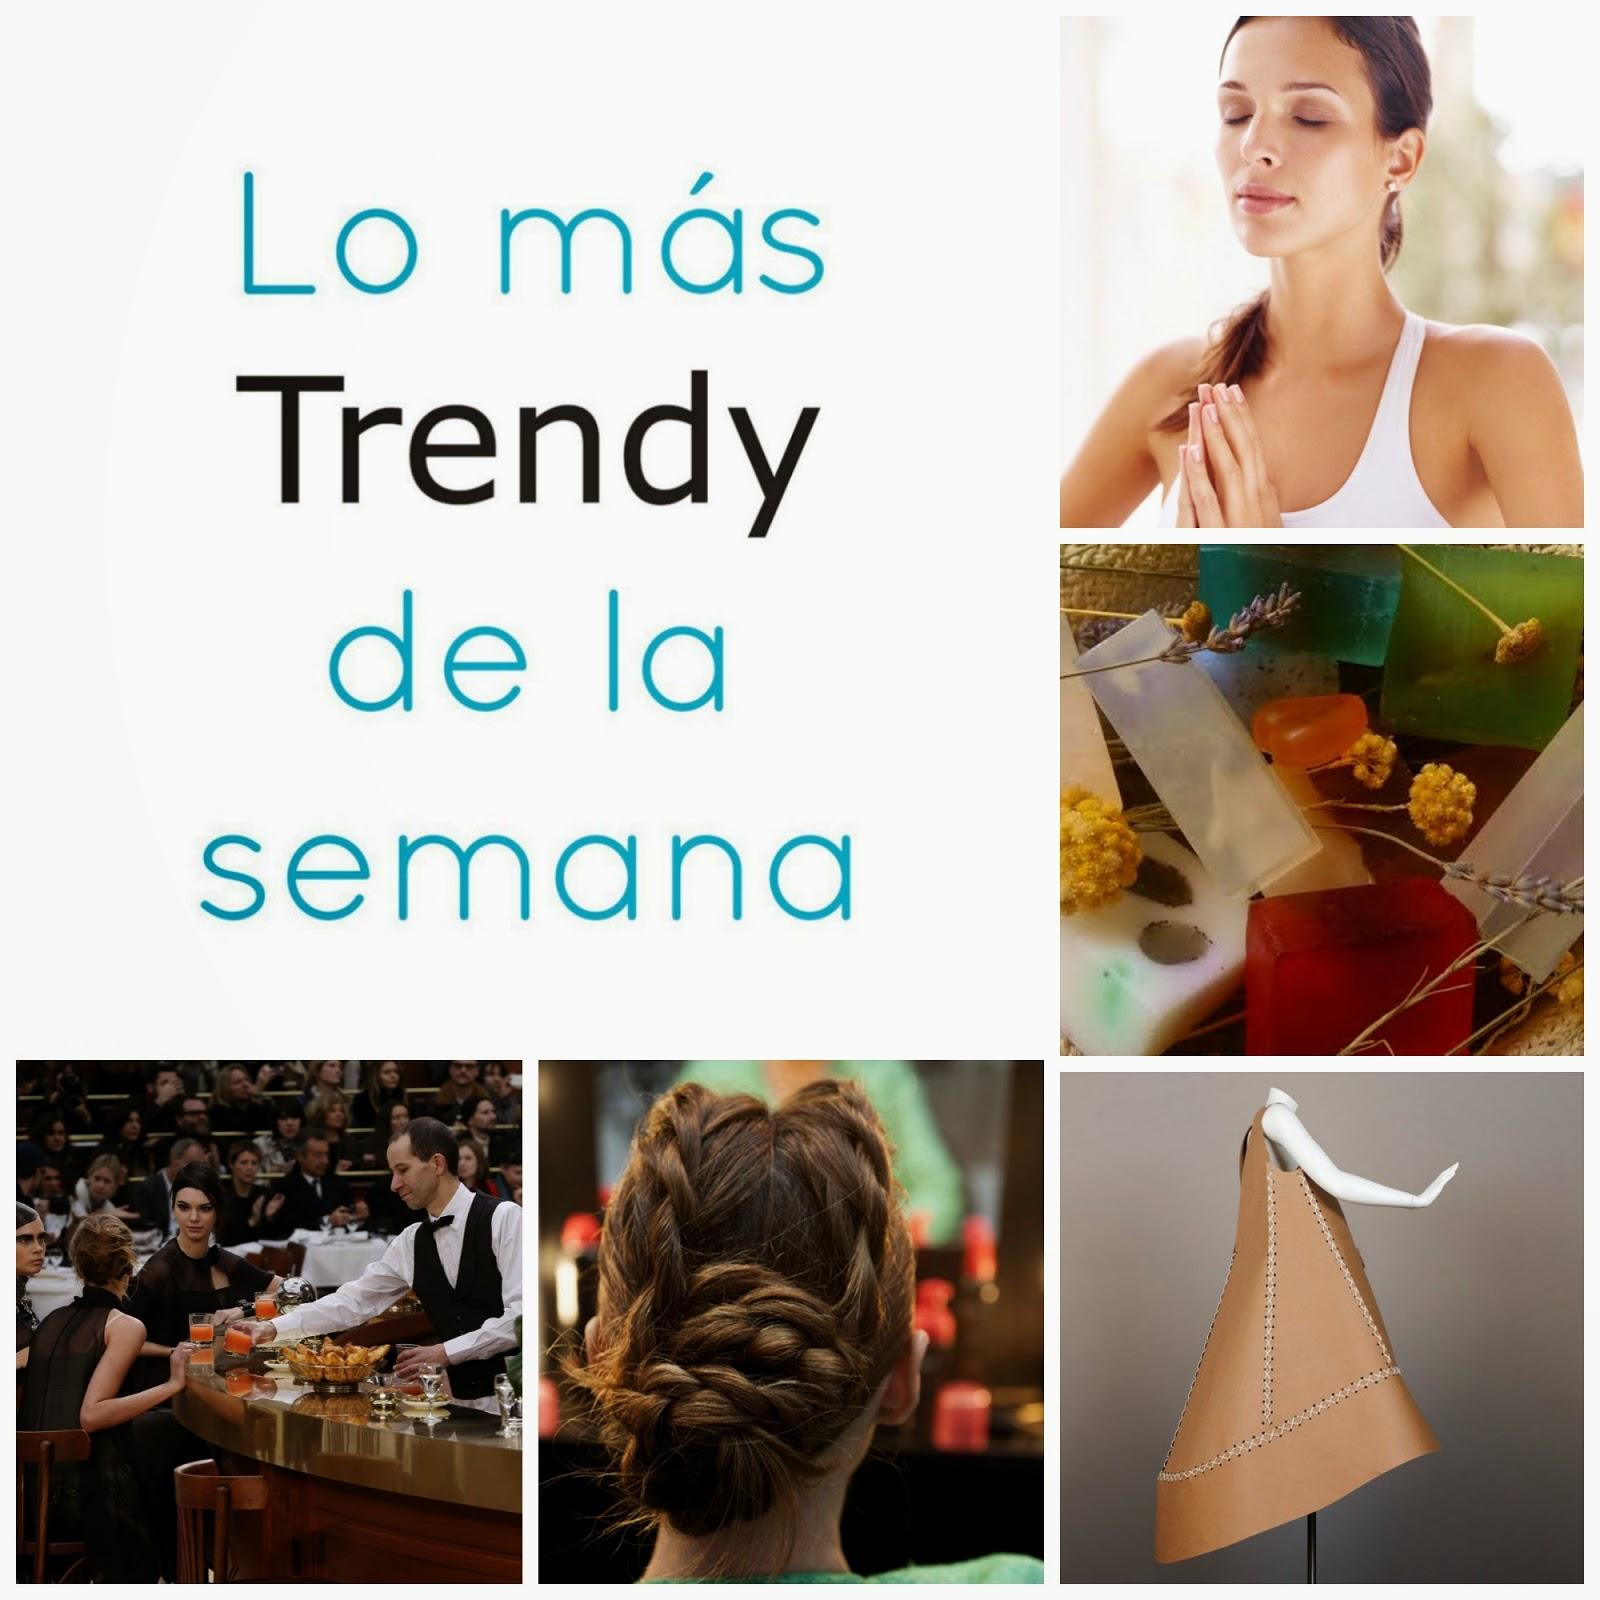 Lo mas trendy de la semana recomendaciones planes tendencias Madrid fin de semana